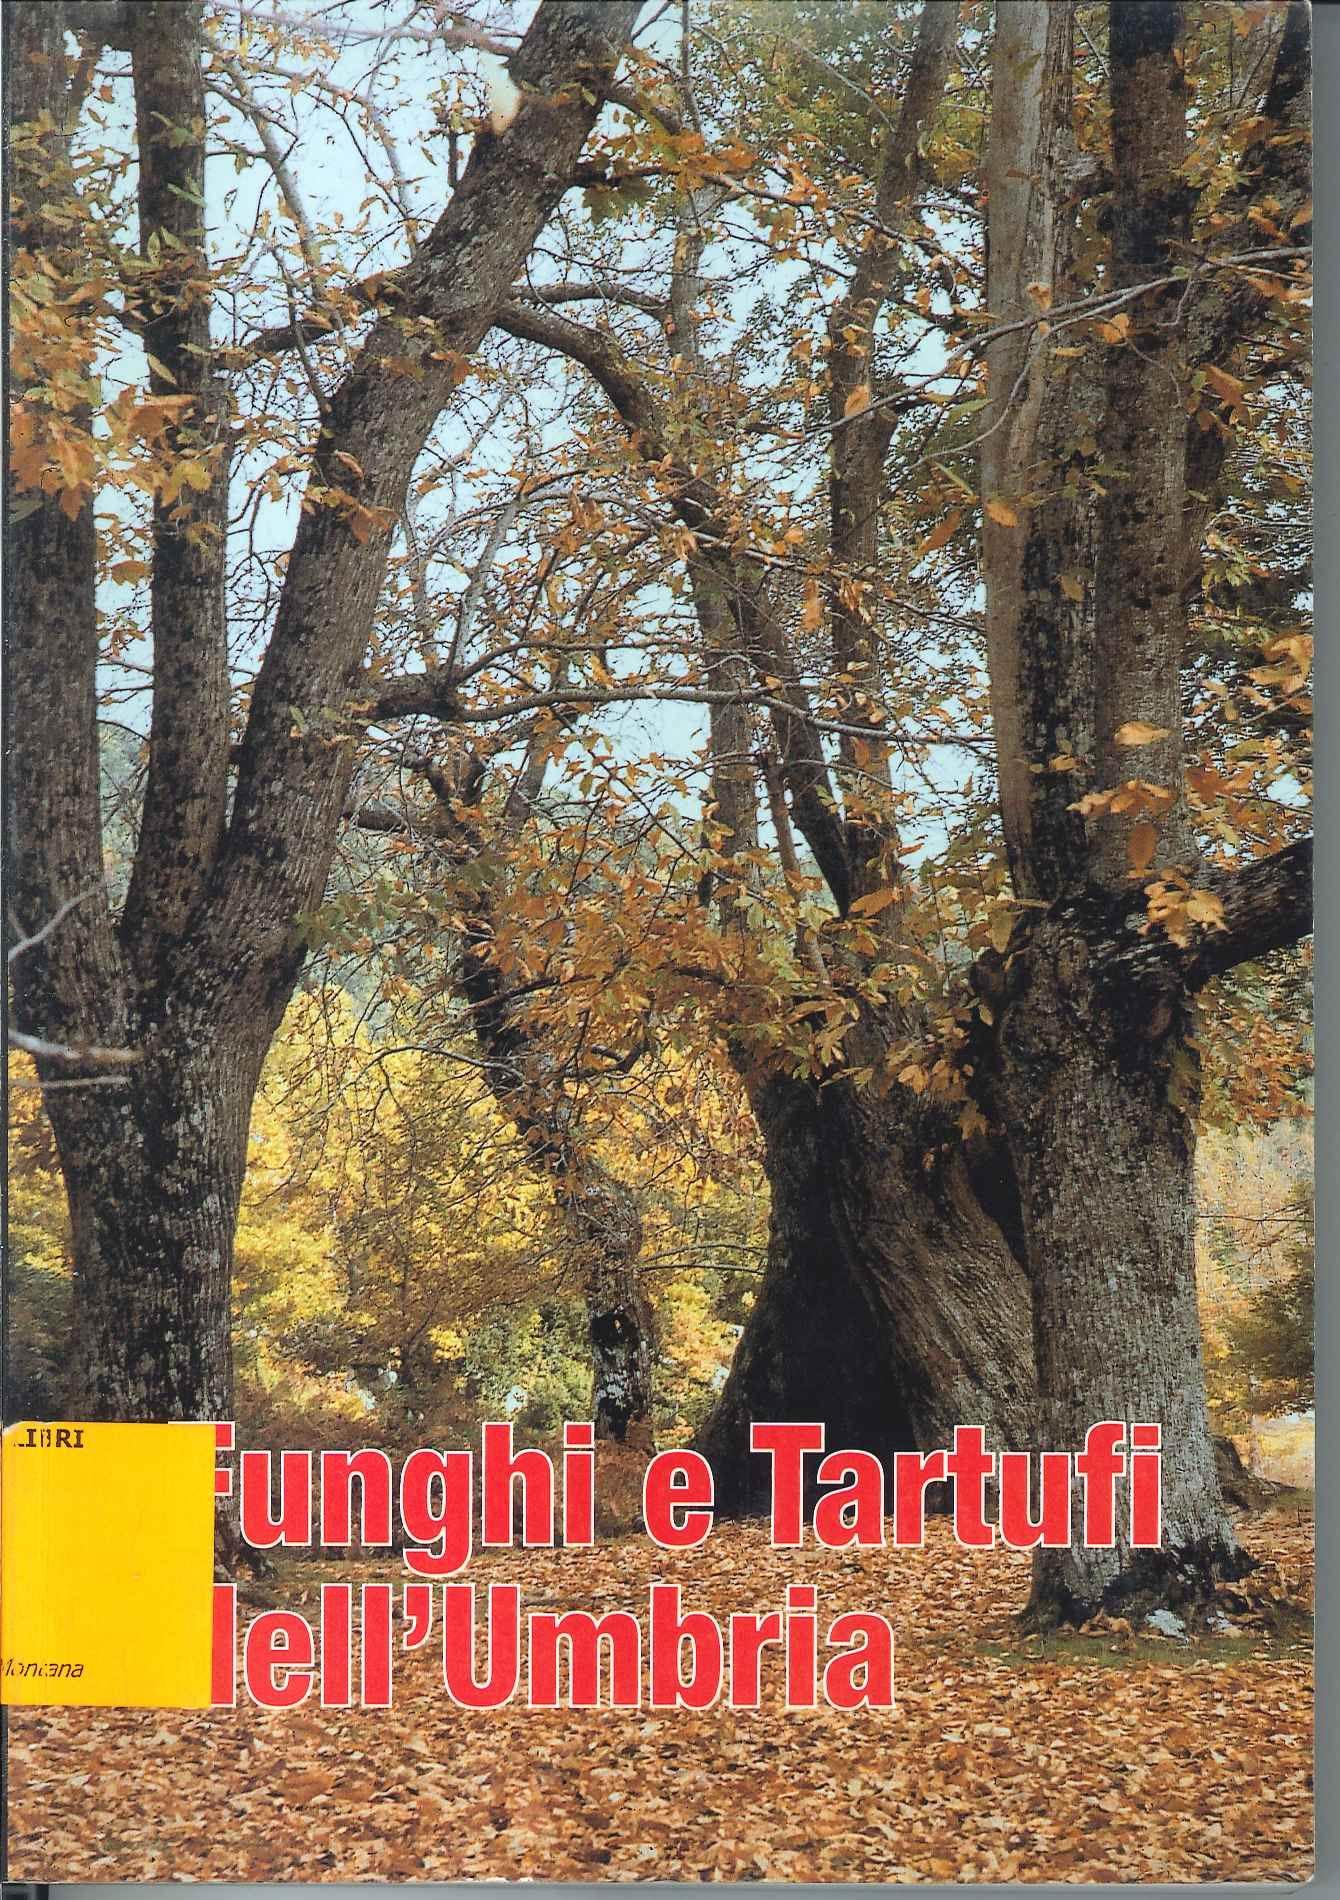 Funghi e tartufi in Umbria